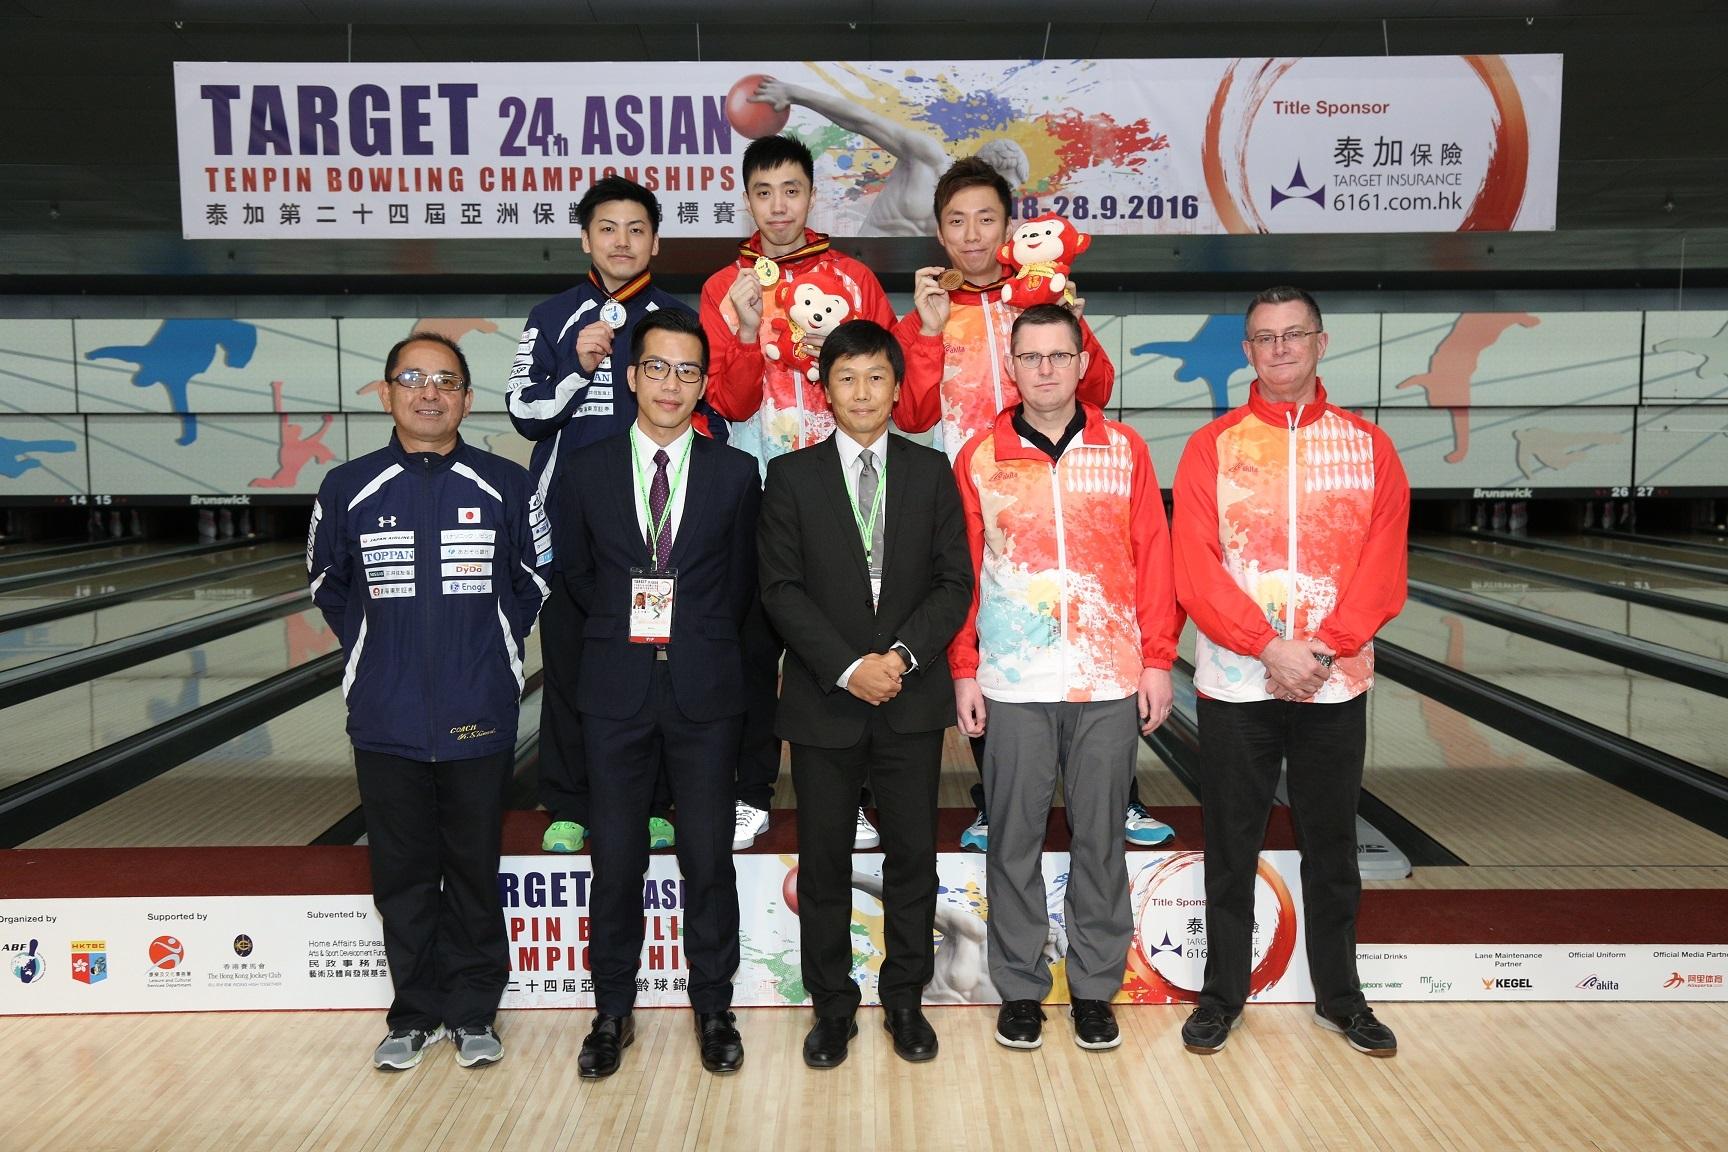 經過4項賽事後,港隊男子全能賽冠軍贏得金牌和銅牌,銀牌由日本選手獲得。(香港保齡球總會提供)